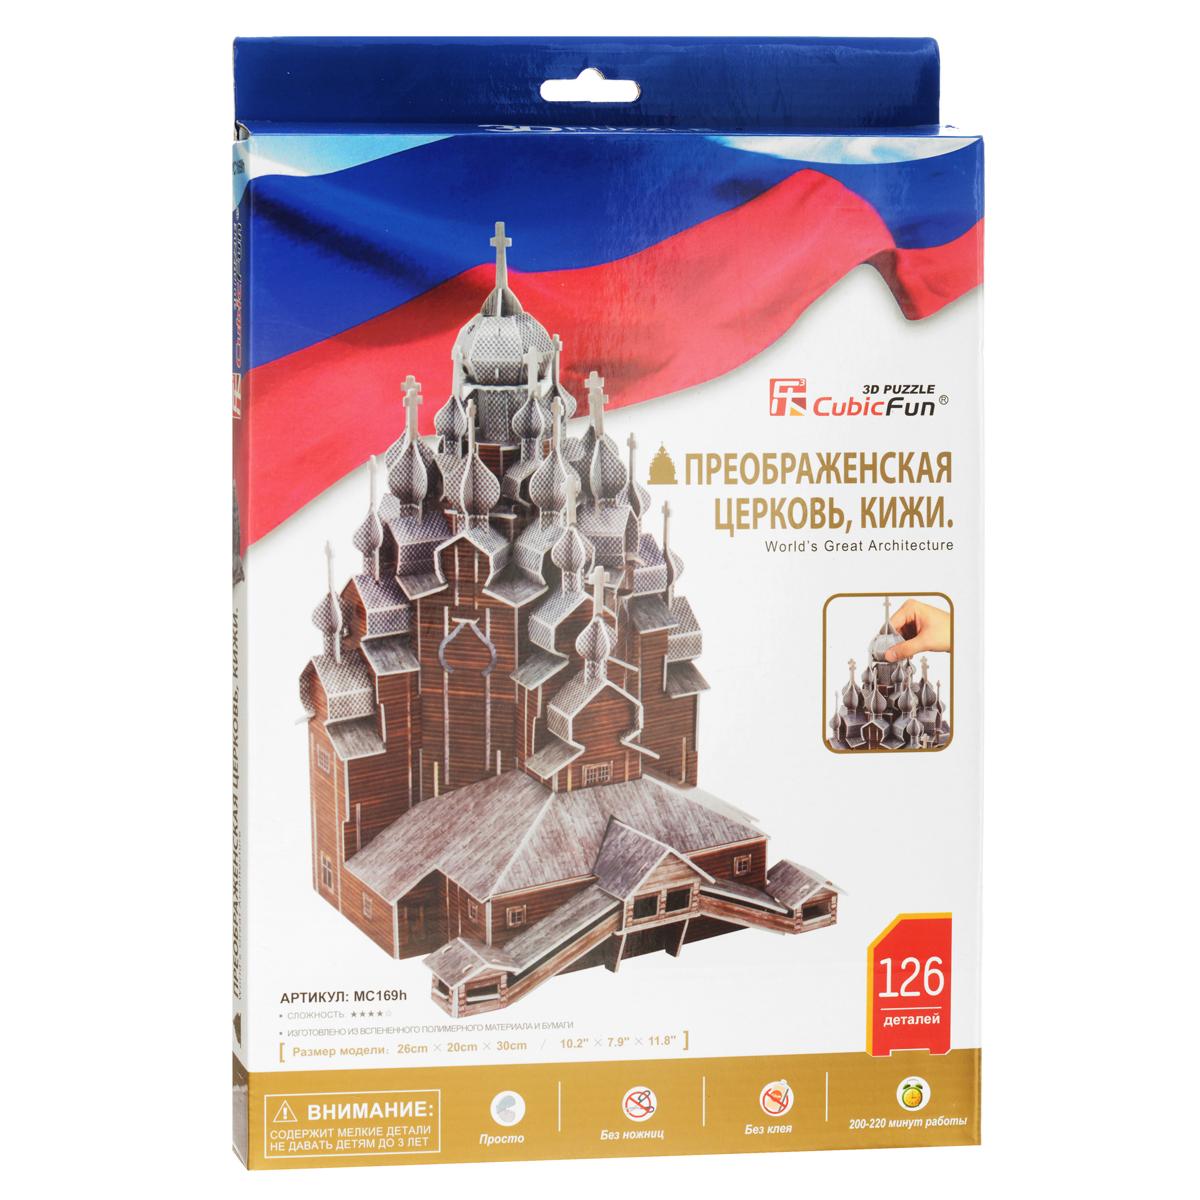 CubicFun Преображенская церковь, Кижи, 126 элементов cubicfun пазл преображенская церковь кижи россия